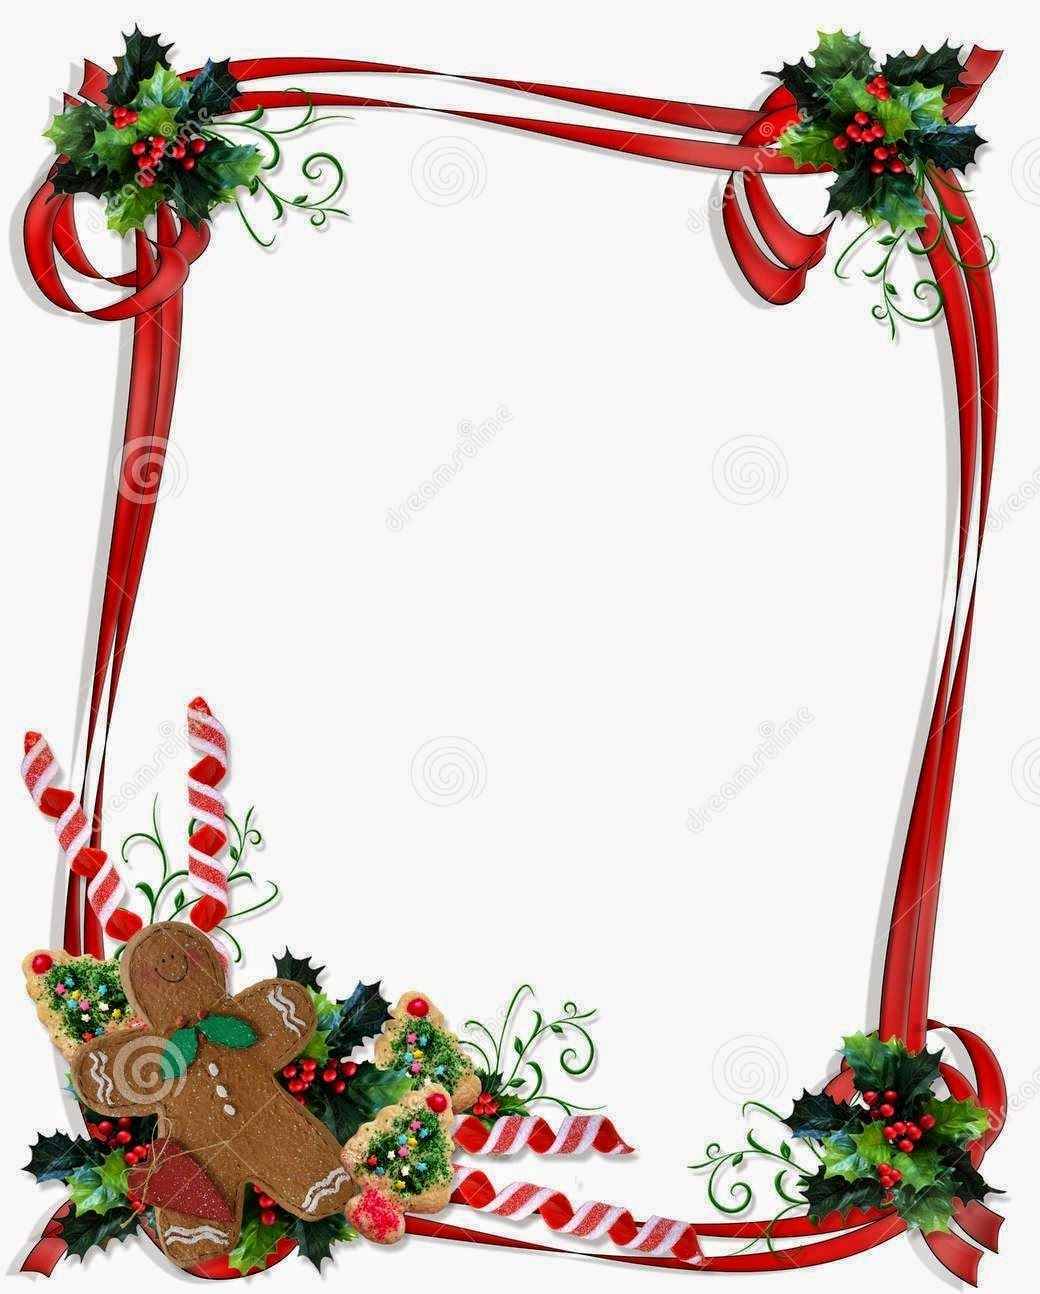 Free+Printable+Christmas+Borders+Clip+Art | Clipart | Free Christmas - Free Printable Christmas Clip Art